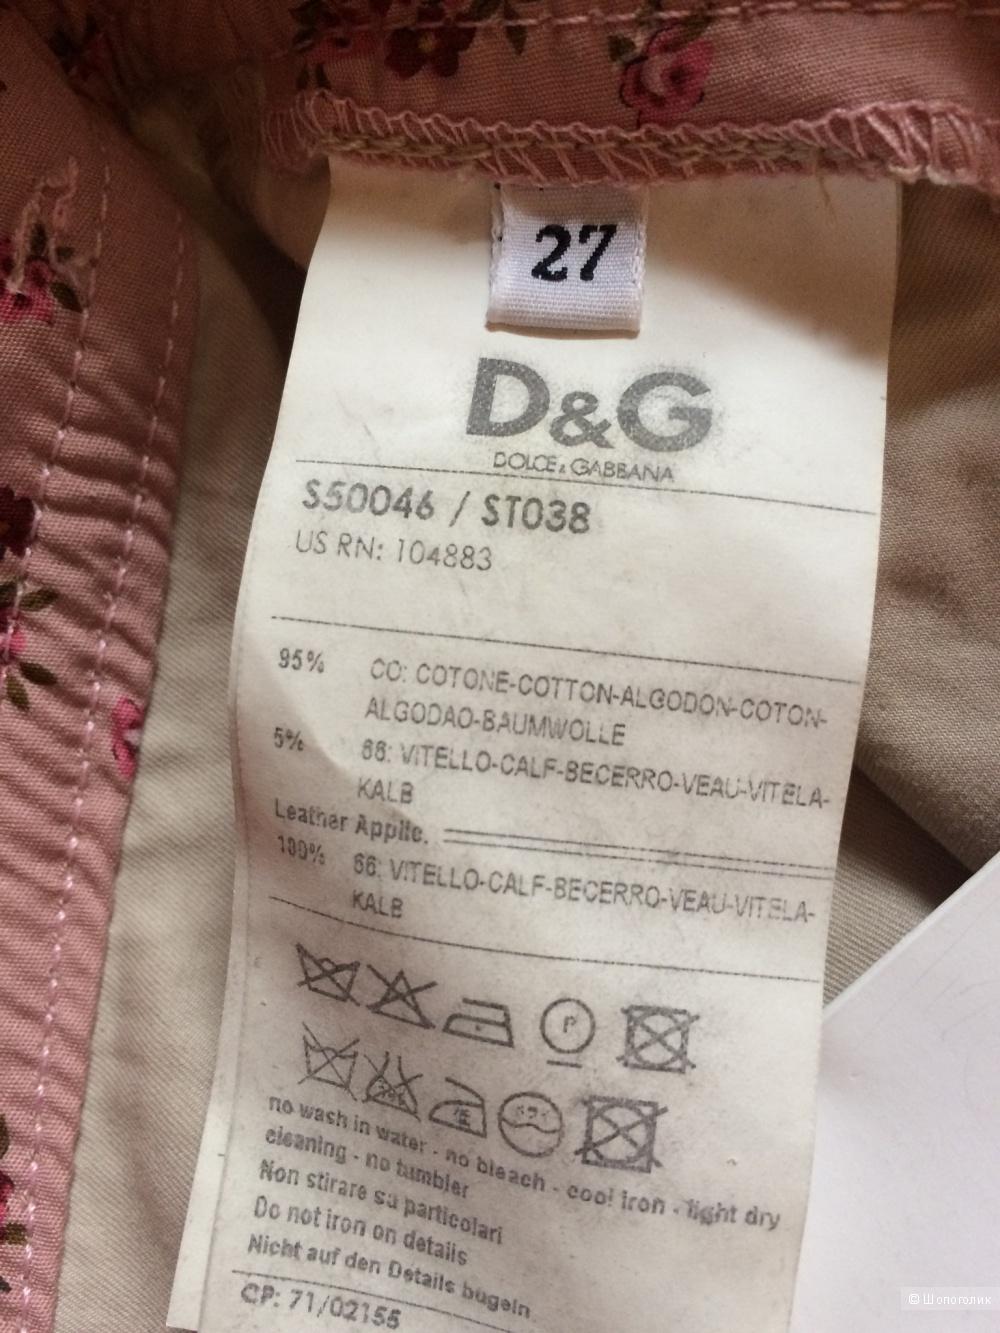 Брюки DG новые оригинал 27 размер